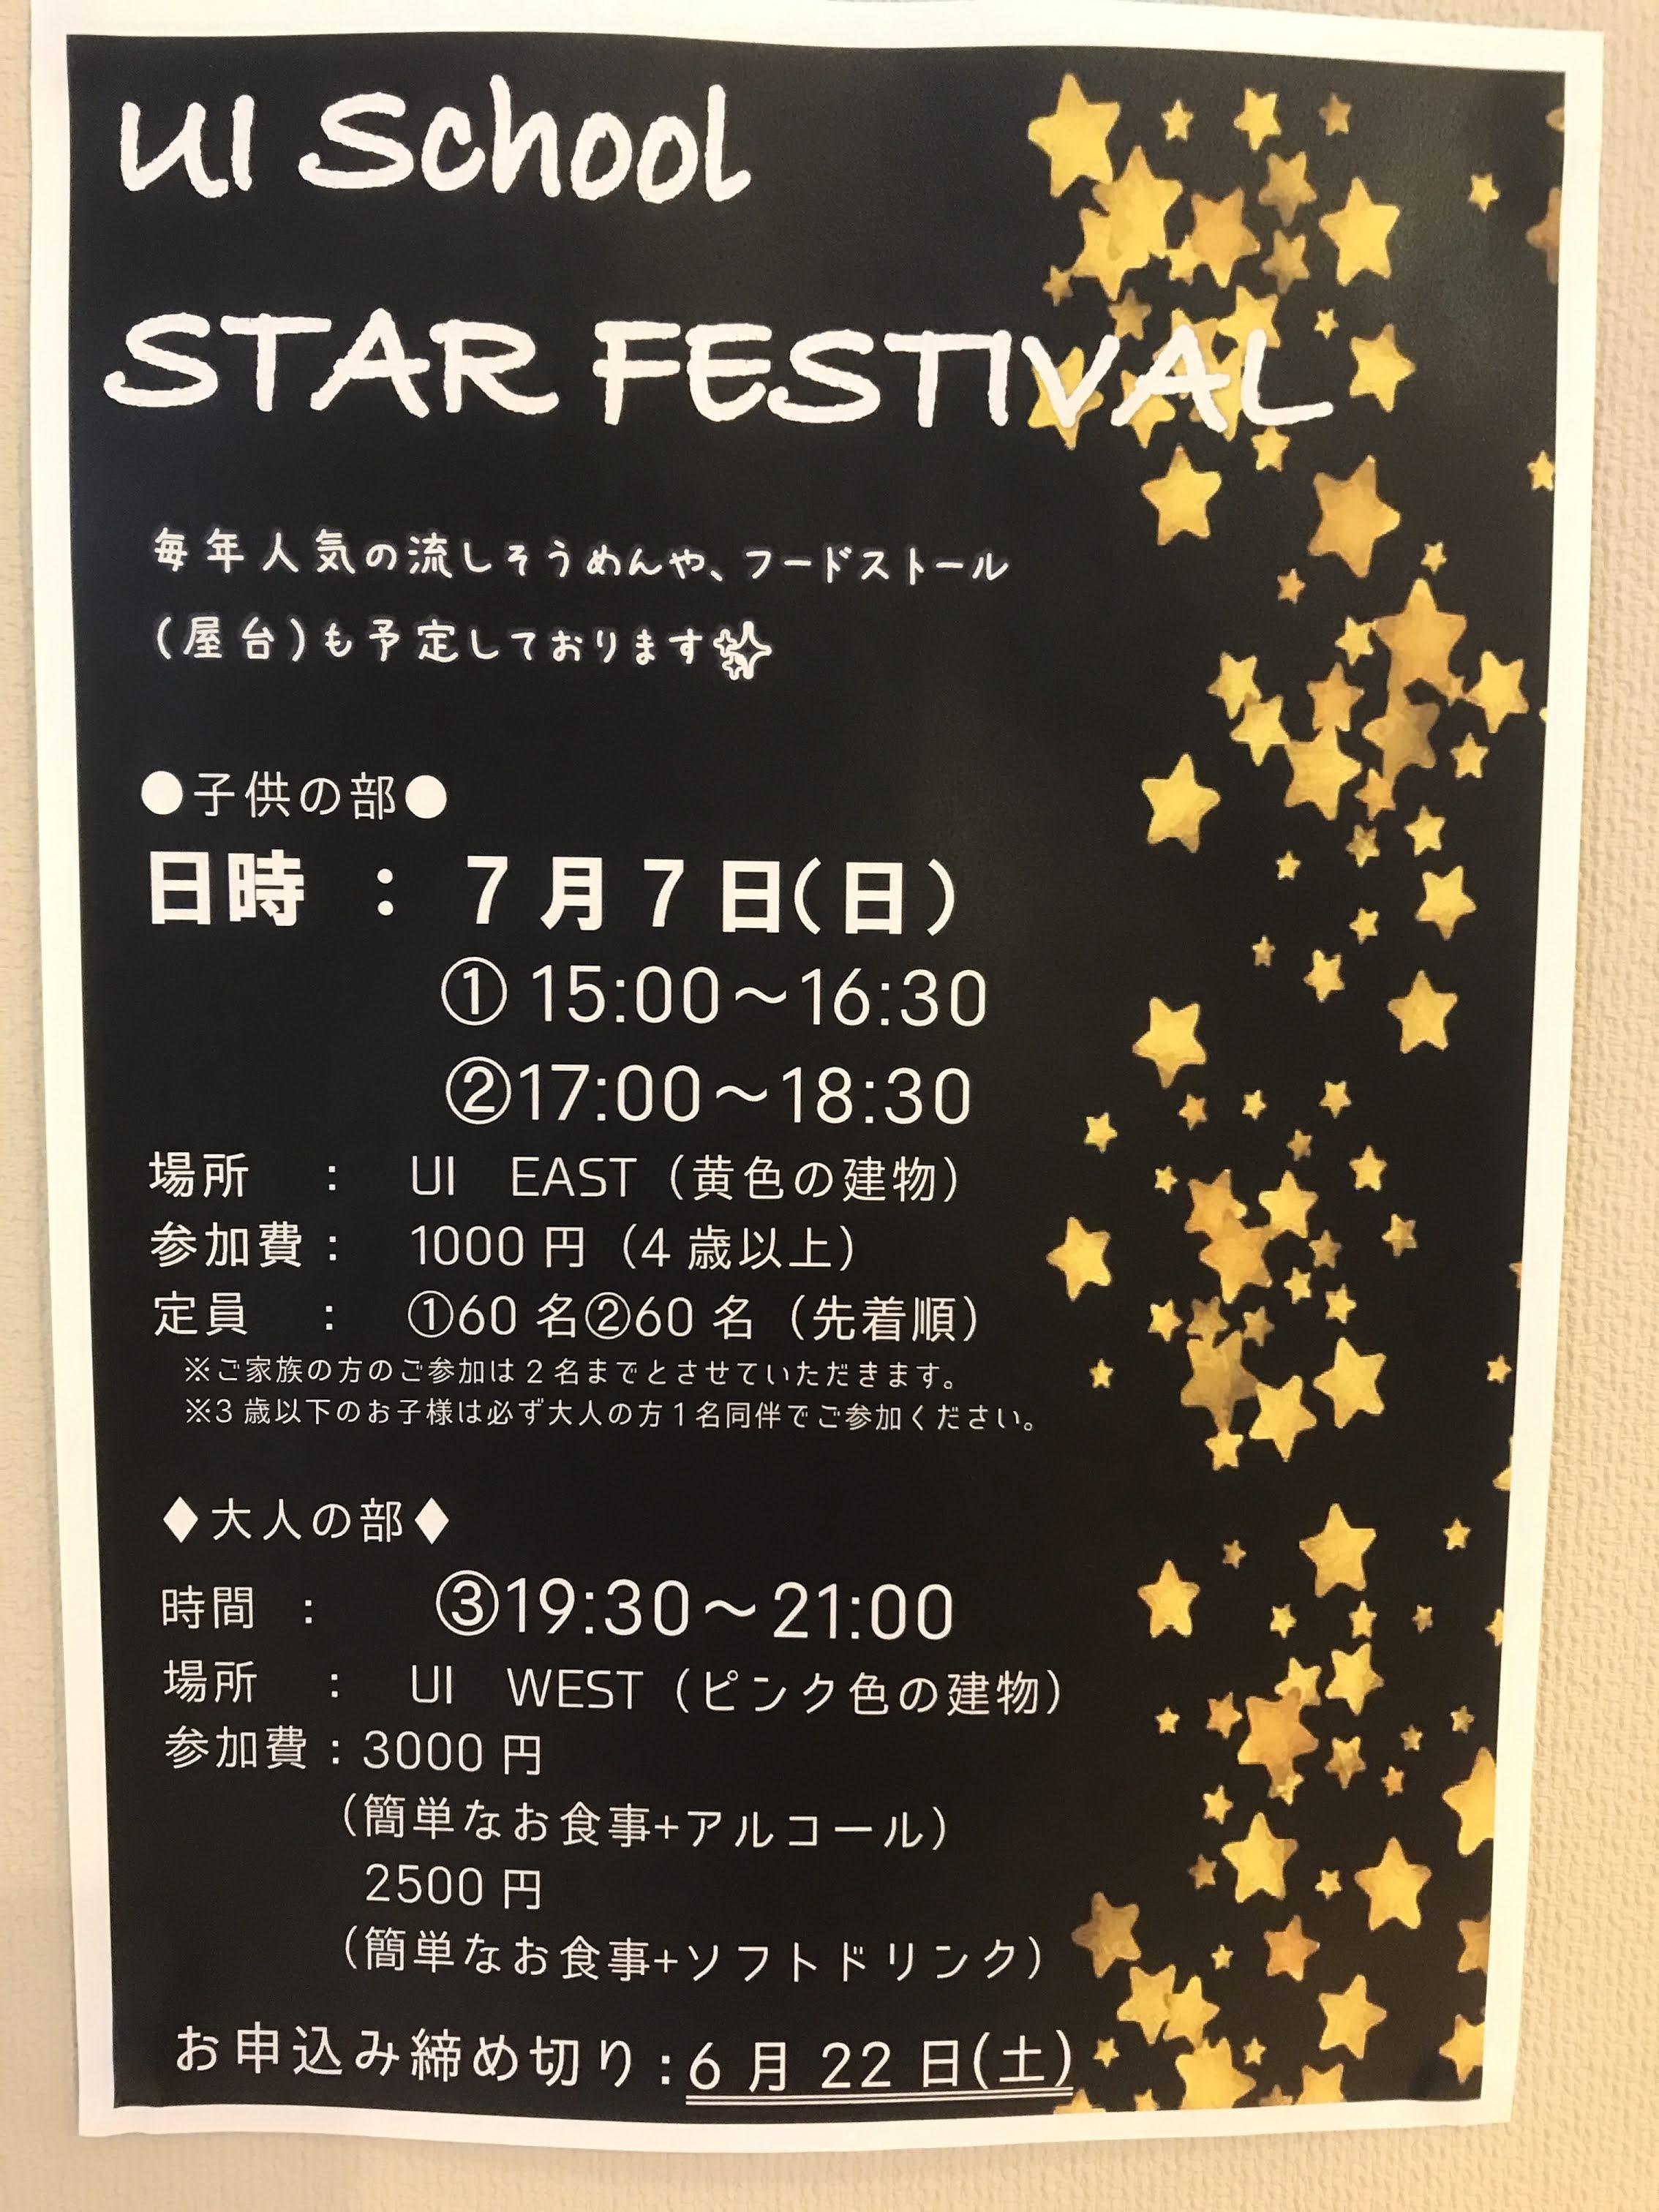 Star Festival in 2019